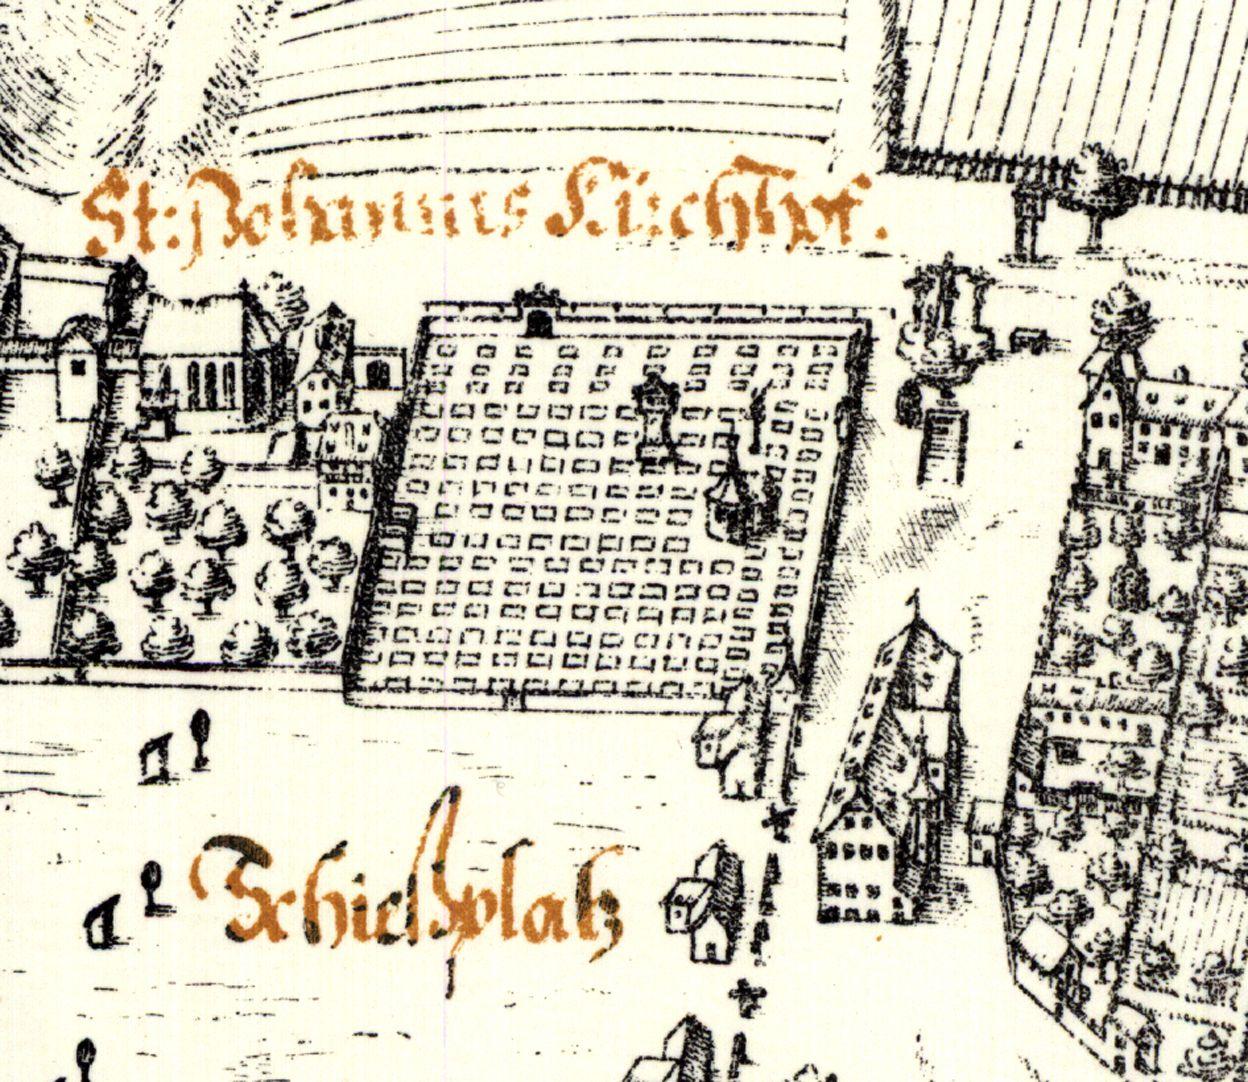 Kress´sche Karte von Nürnberg mit Landwehr Johannisfriedhof von Süden: Quadrat mit Holzschuherkapelle und Münzerscher Stele, durch eine Mauer abgetrennt die Johanniskirche. Rechts Gartenhäuser, dazwischen das ehemalige Schießhaus der Büchsenschützen